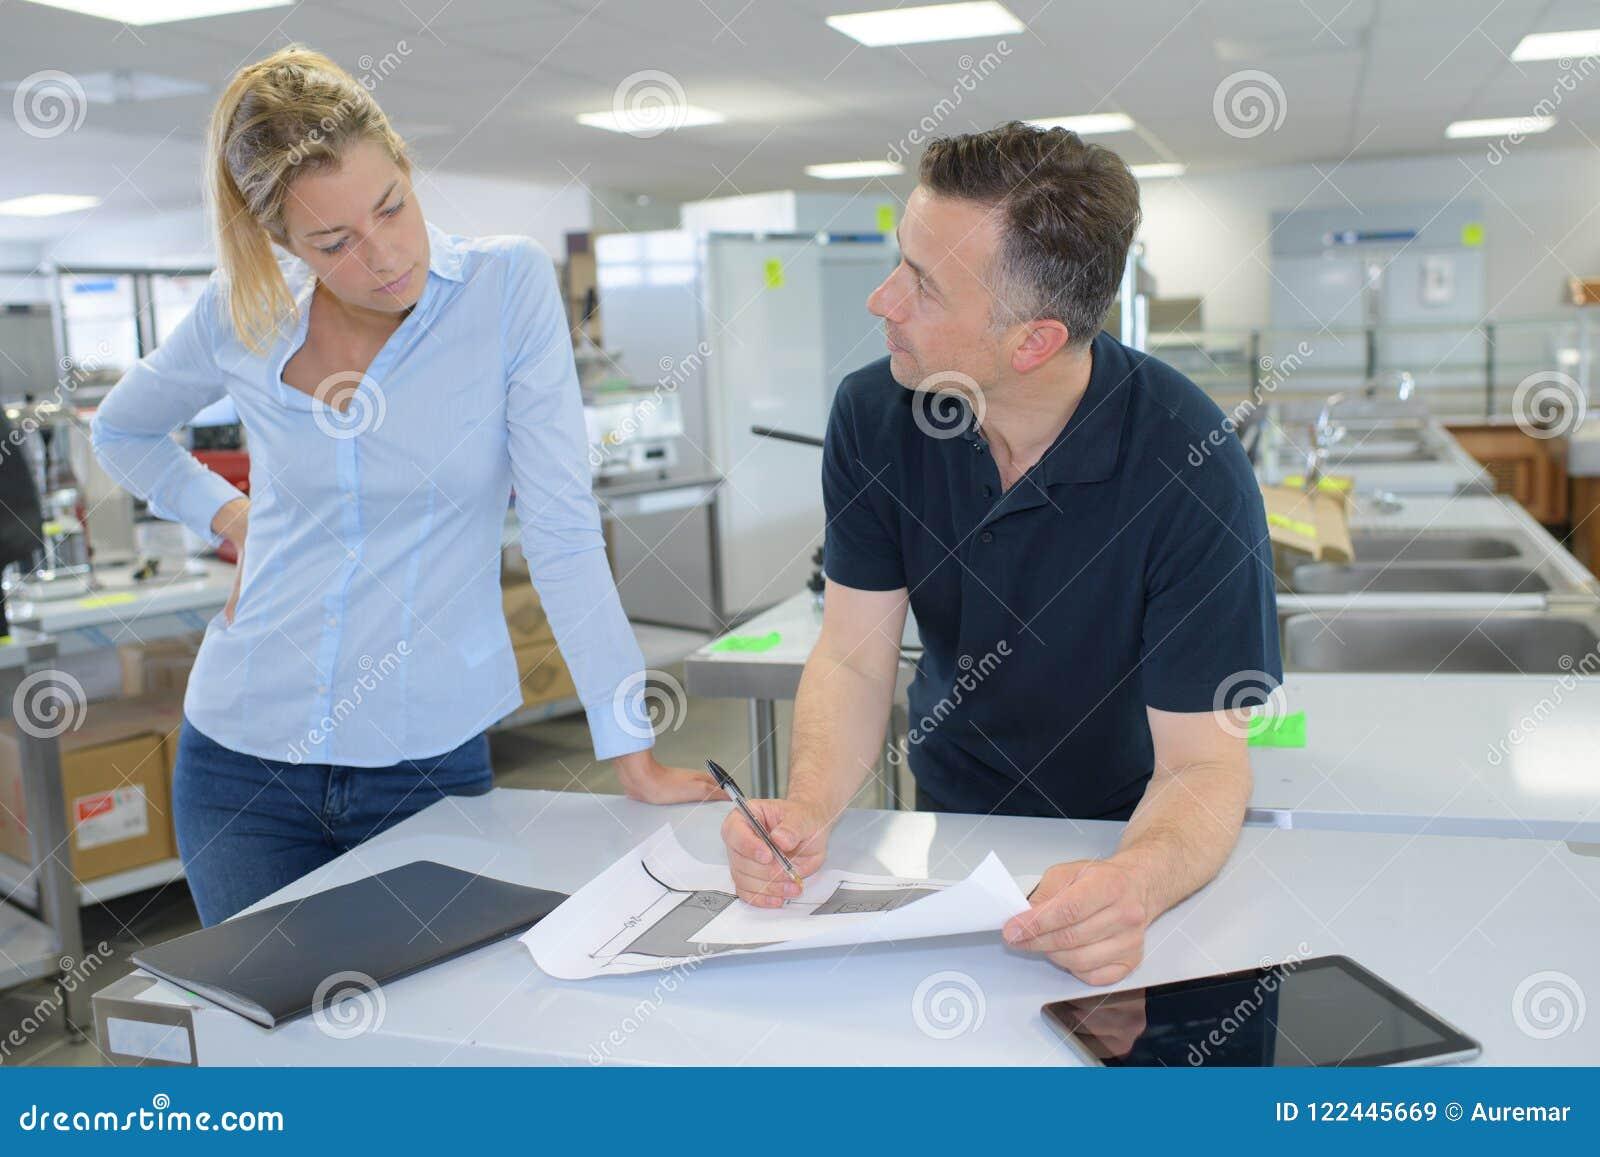 Überzeugte Mitarbeiter, die Pläne im Büro besprechen